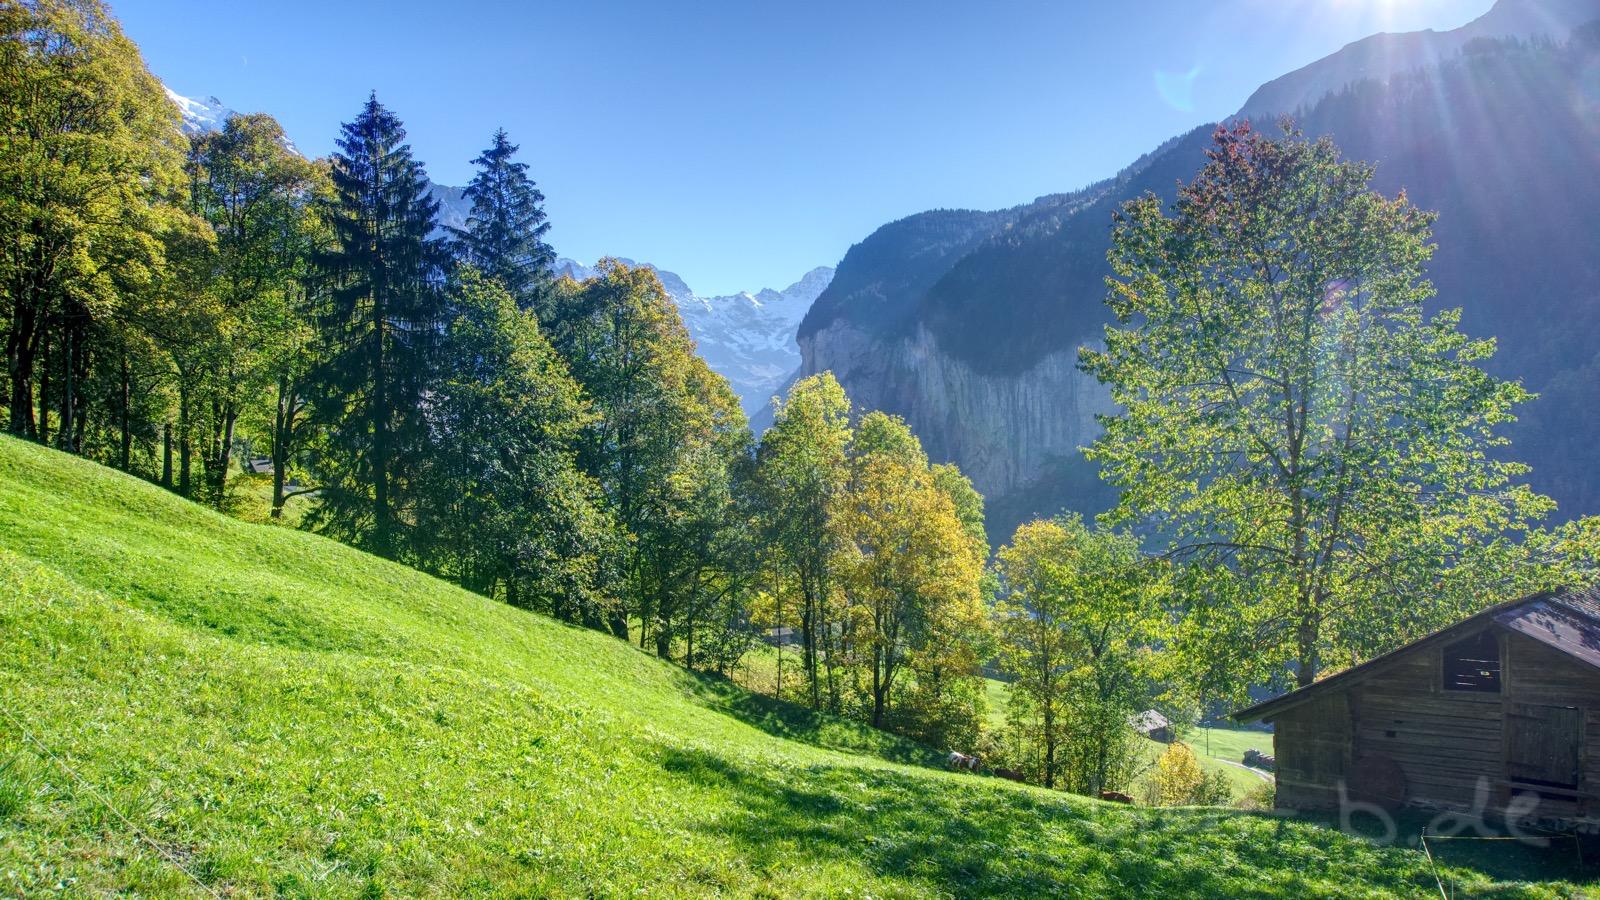 Herbstsonne auf dem Weg hinab ins Lauterbrunnen-Tal.